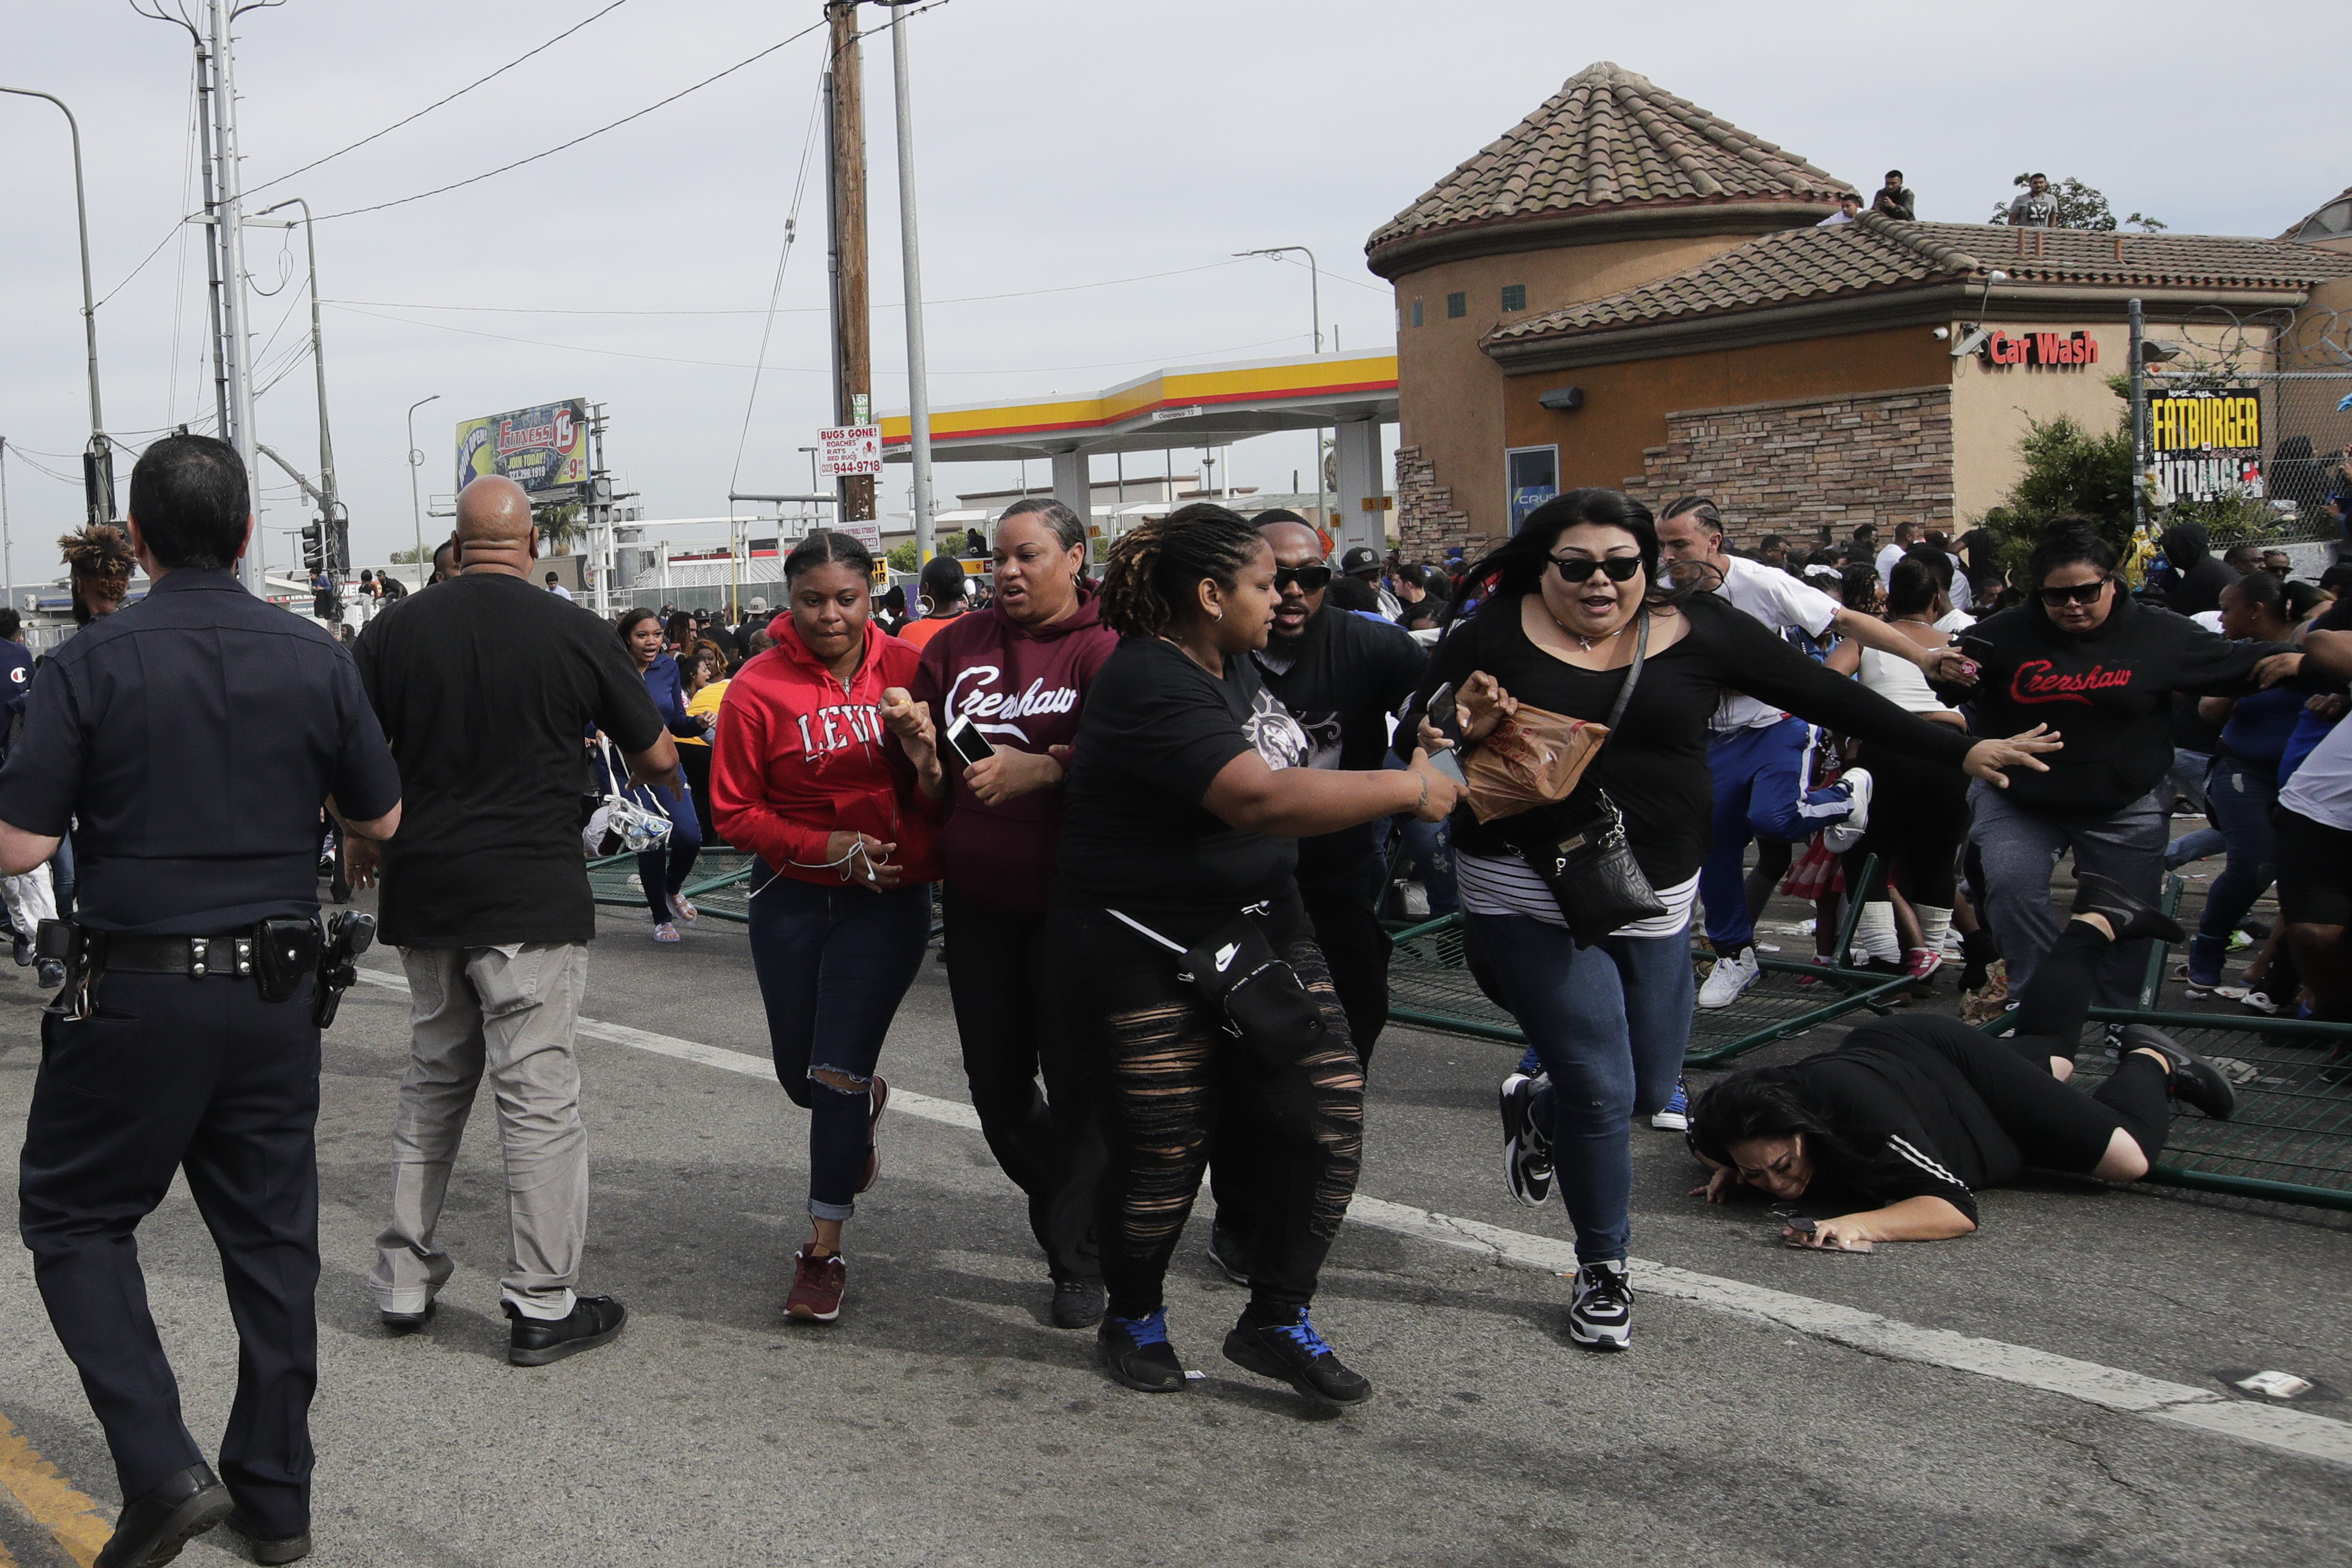 Victimele sunt 3 bărbați și o femeie de culoare, cu vârste cuprinse între 30-50 de ani.